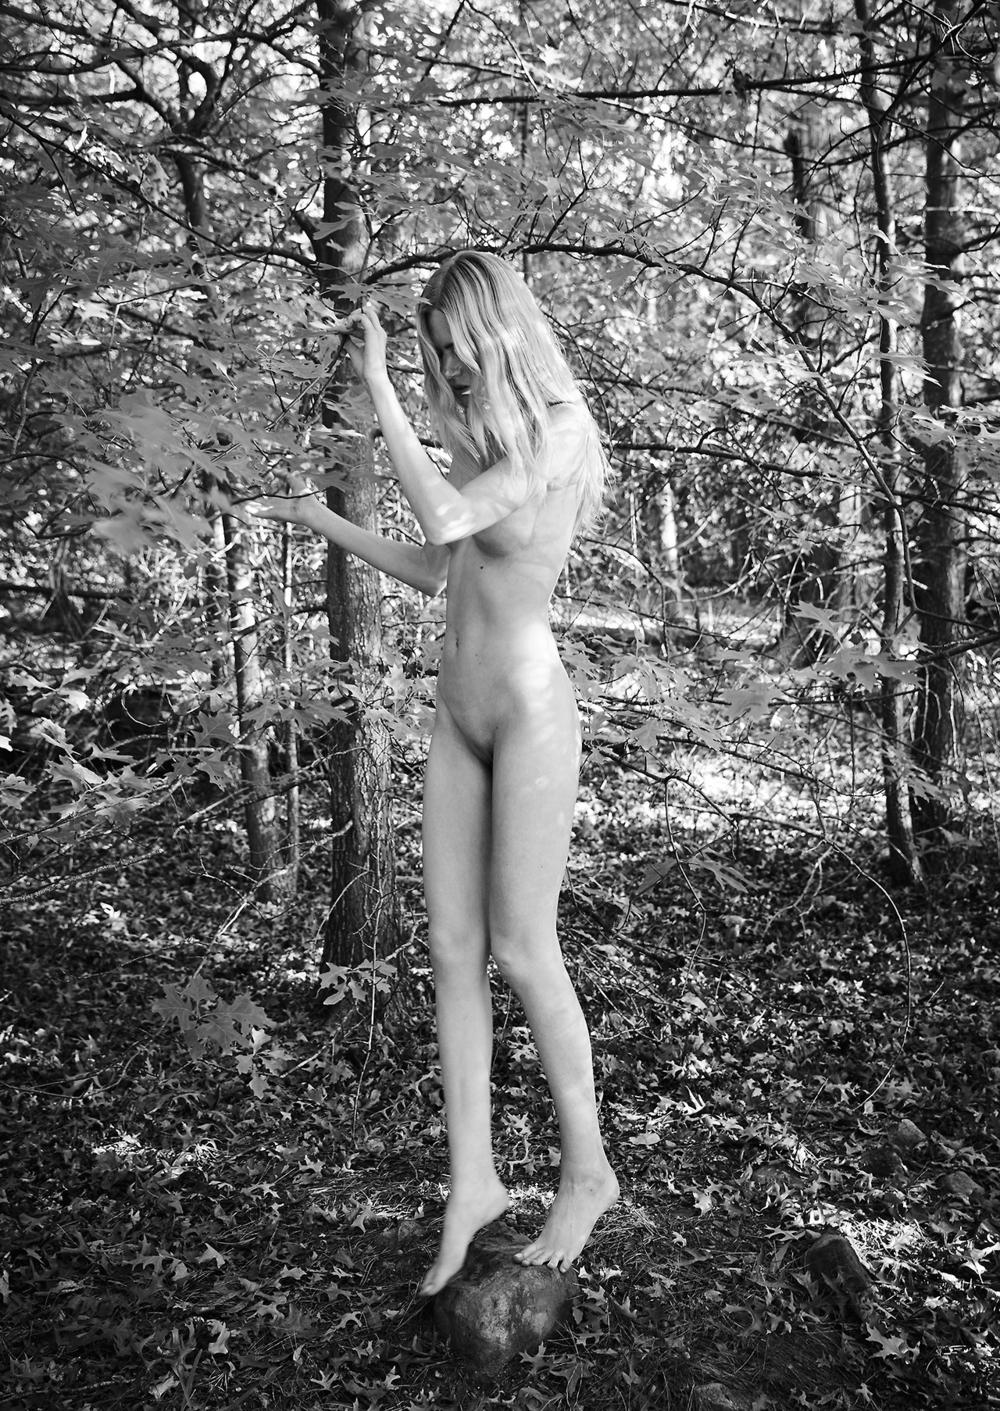 Maritza_Veer-Ulrich_Knoblauch-Russh_Magazine-02.jpg